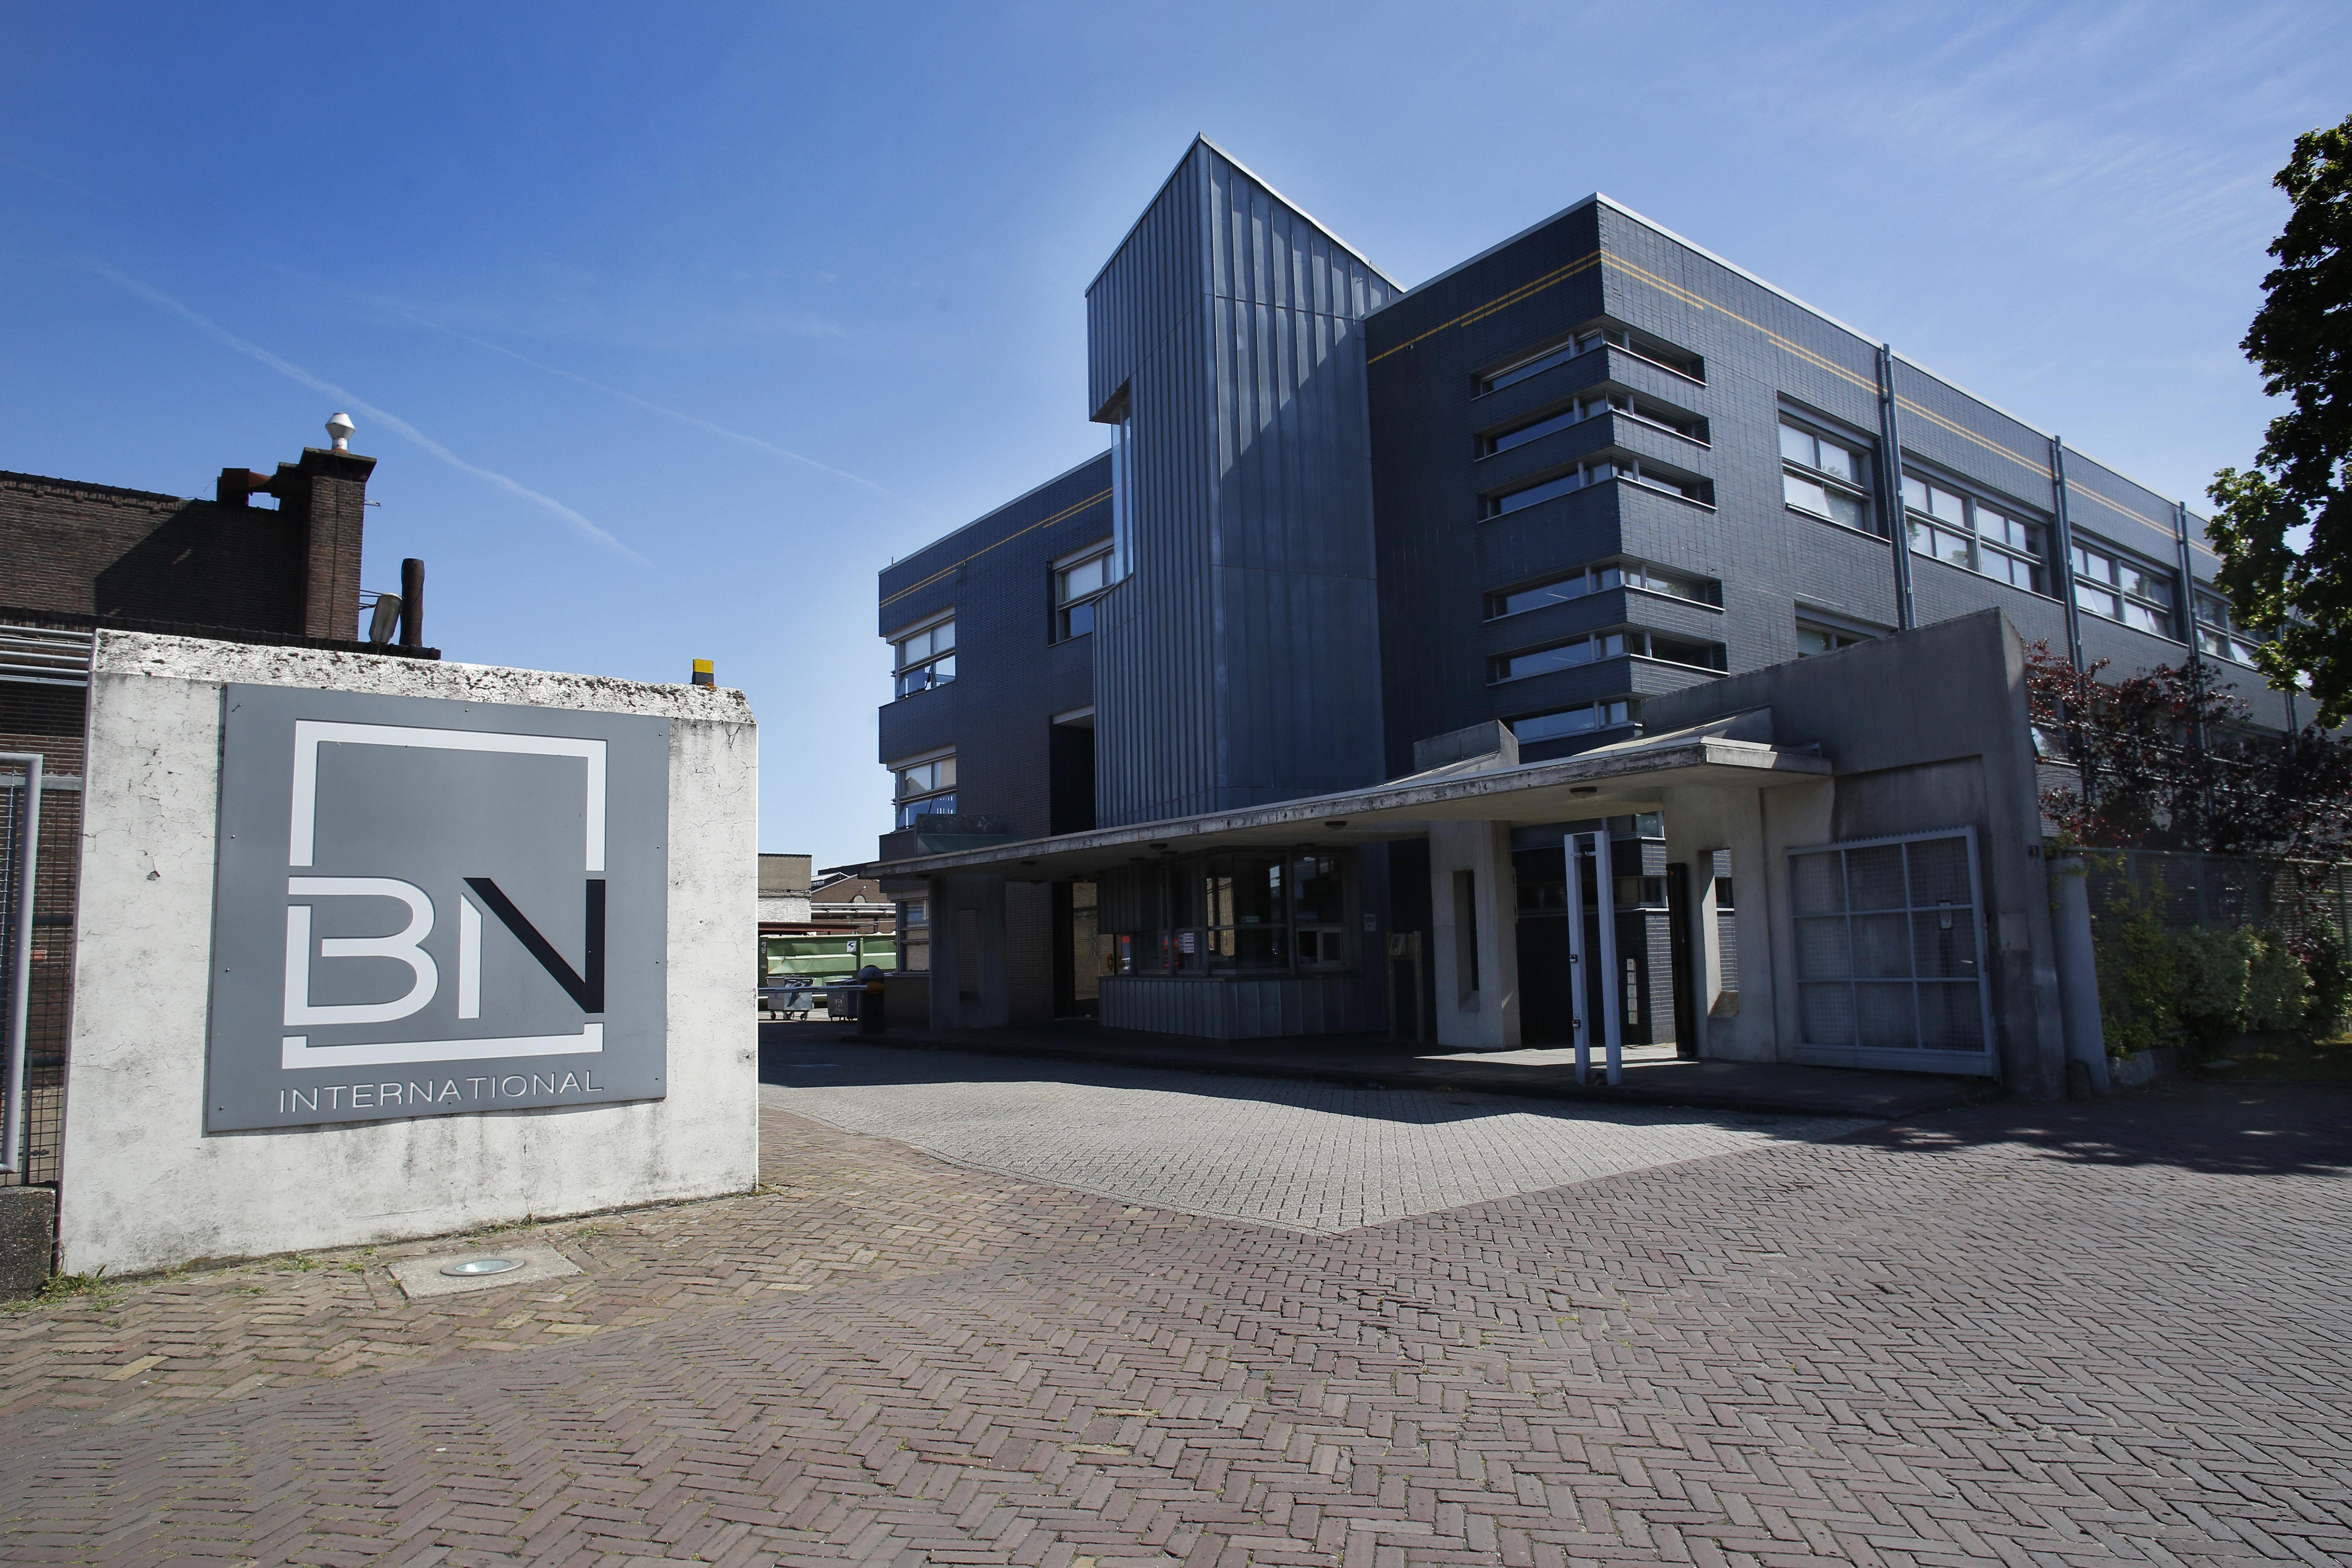 BN International in Huizen schrapt 60 van de 200 banen, externe financier gaat bedrijf overnemen